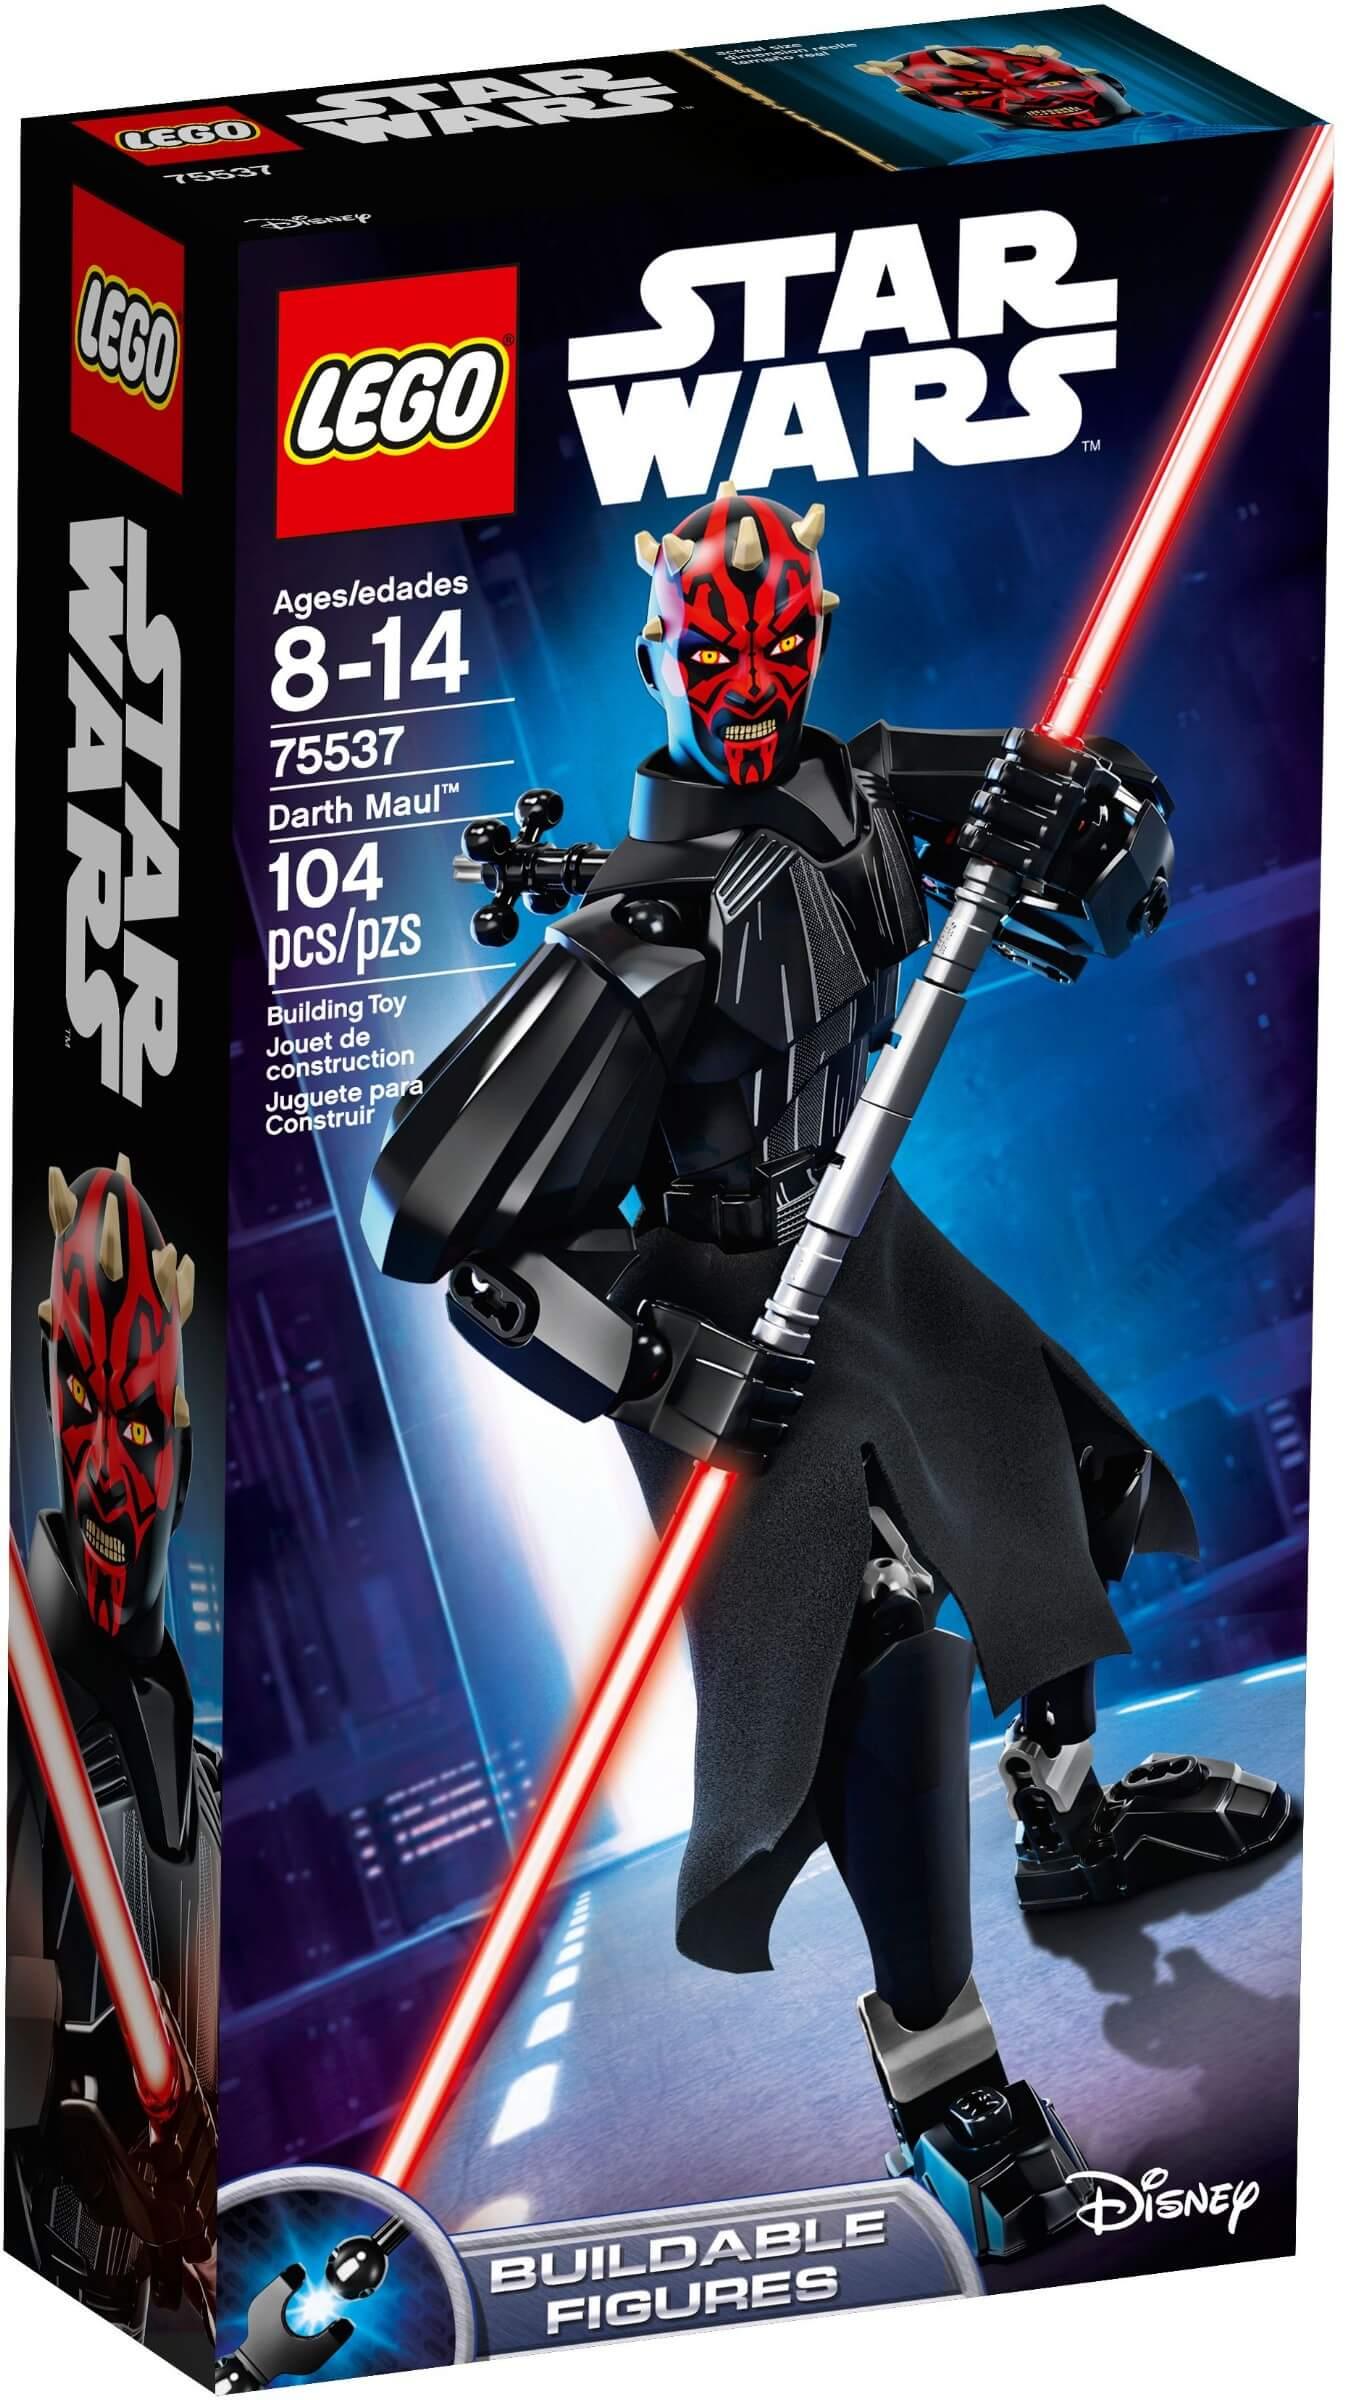 Mua đồ chơi LEGO 75537 - LEGO Star Wars 75537 - Chúa Tể Darth Maul (LEGO 75537 Darth Maul)